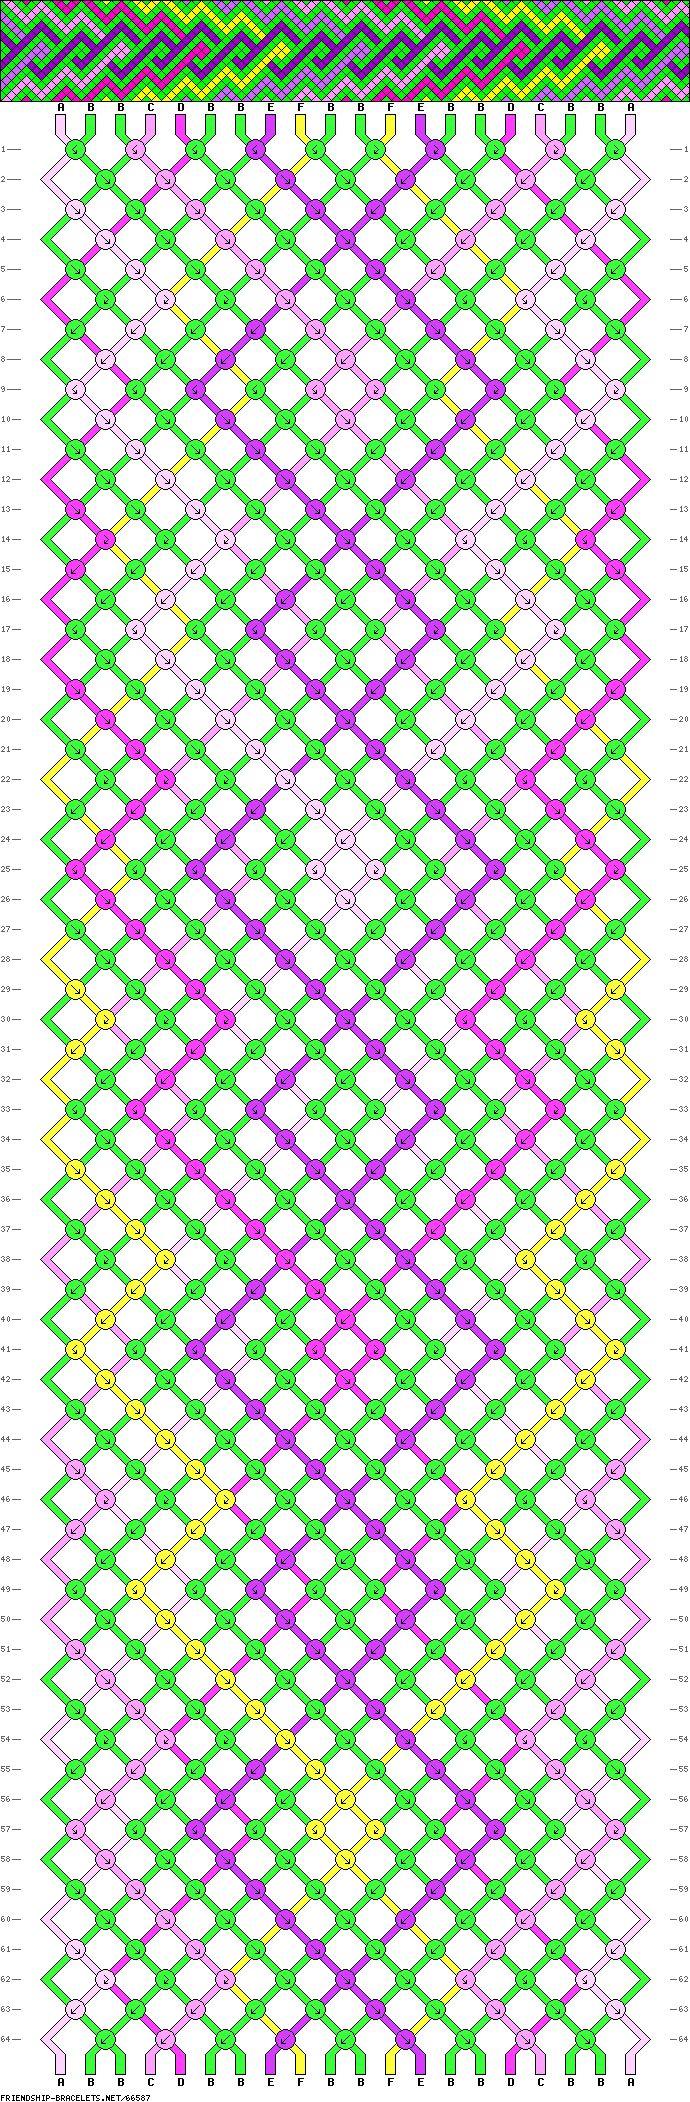 pin by on friendship bracelet patterns